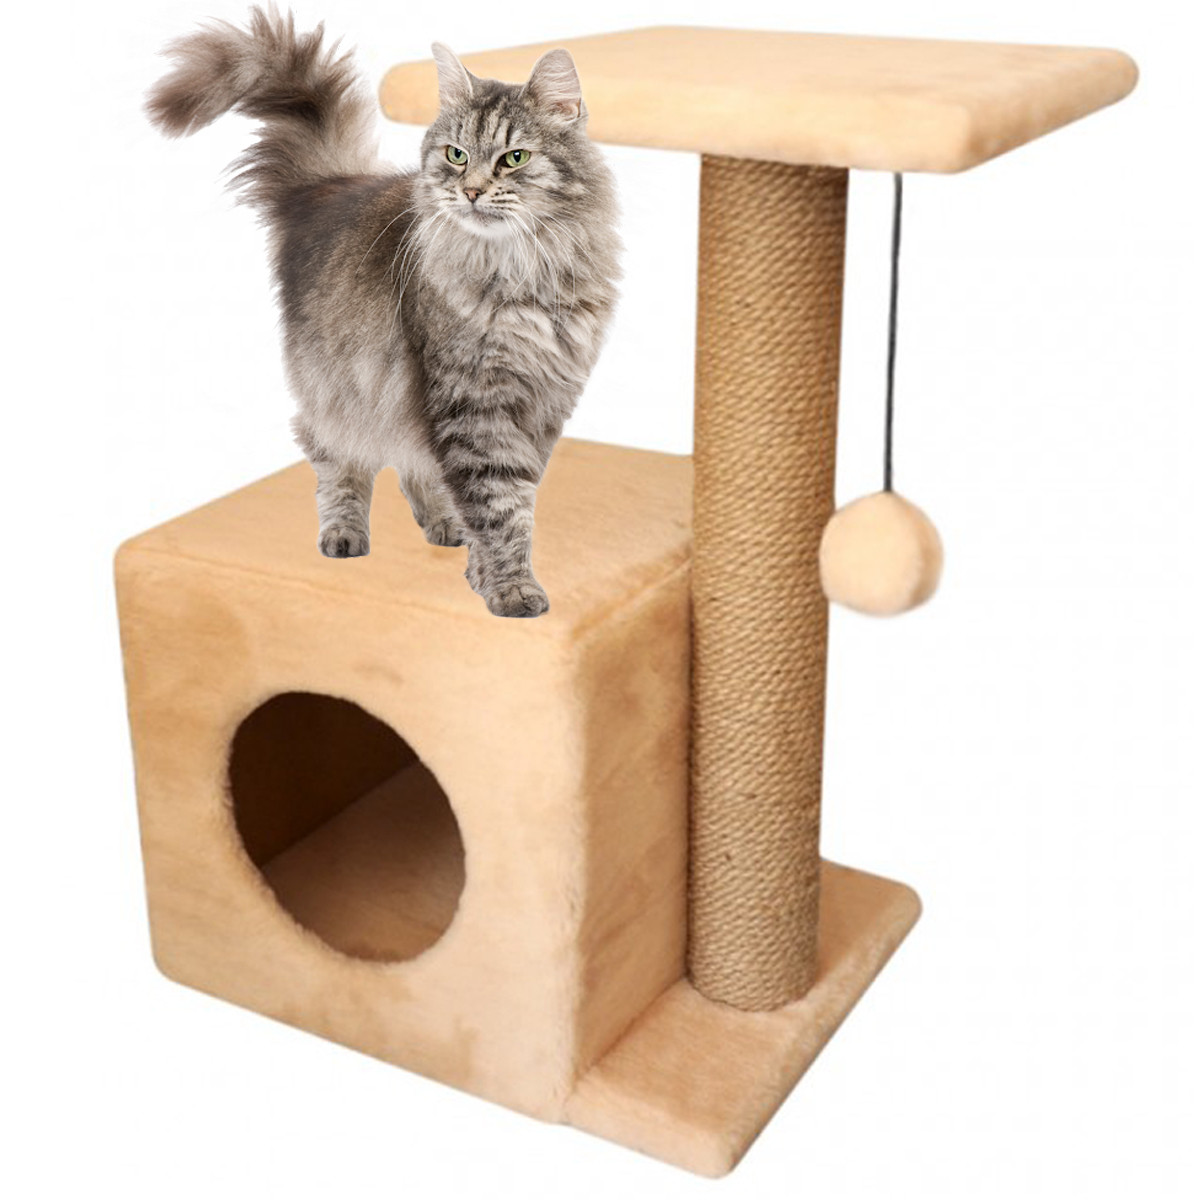 Домик-когтеточка с полкой Мелисса 46х36х60см (дряпка) для кошки Бежевый